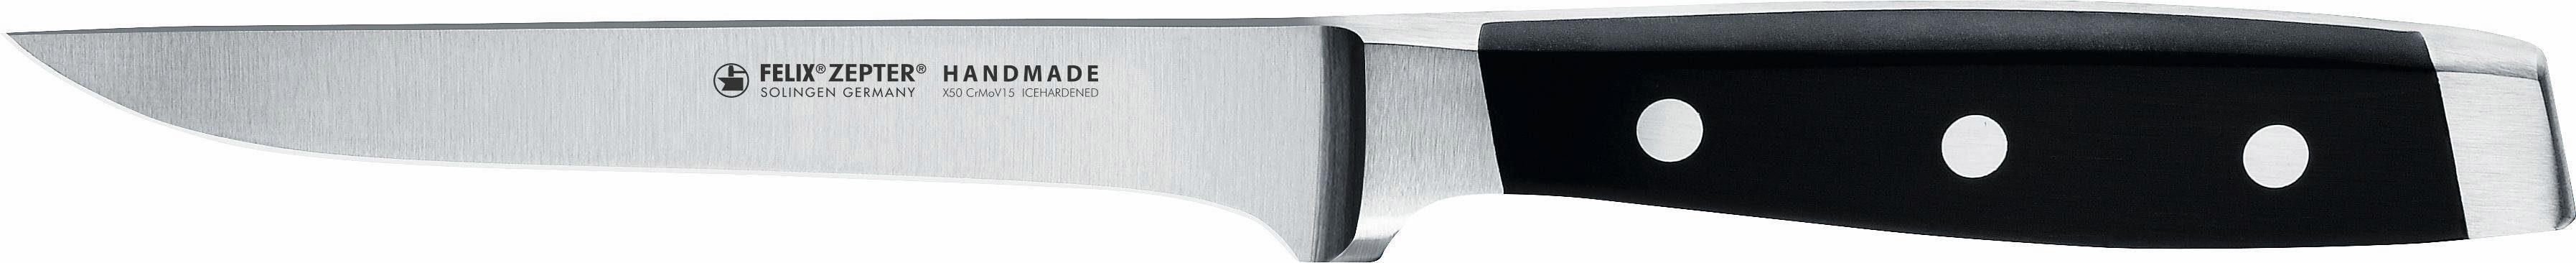 FELIX SOLINGEN Ausbeinmesser, mit flexibler Klinge, »FIRST CLASS«